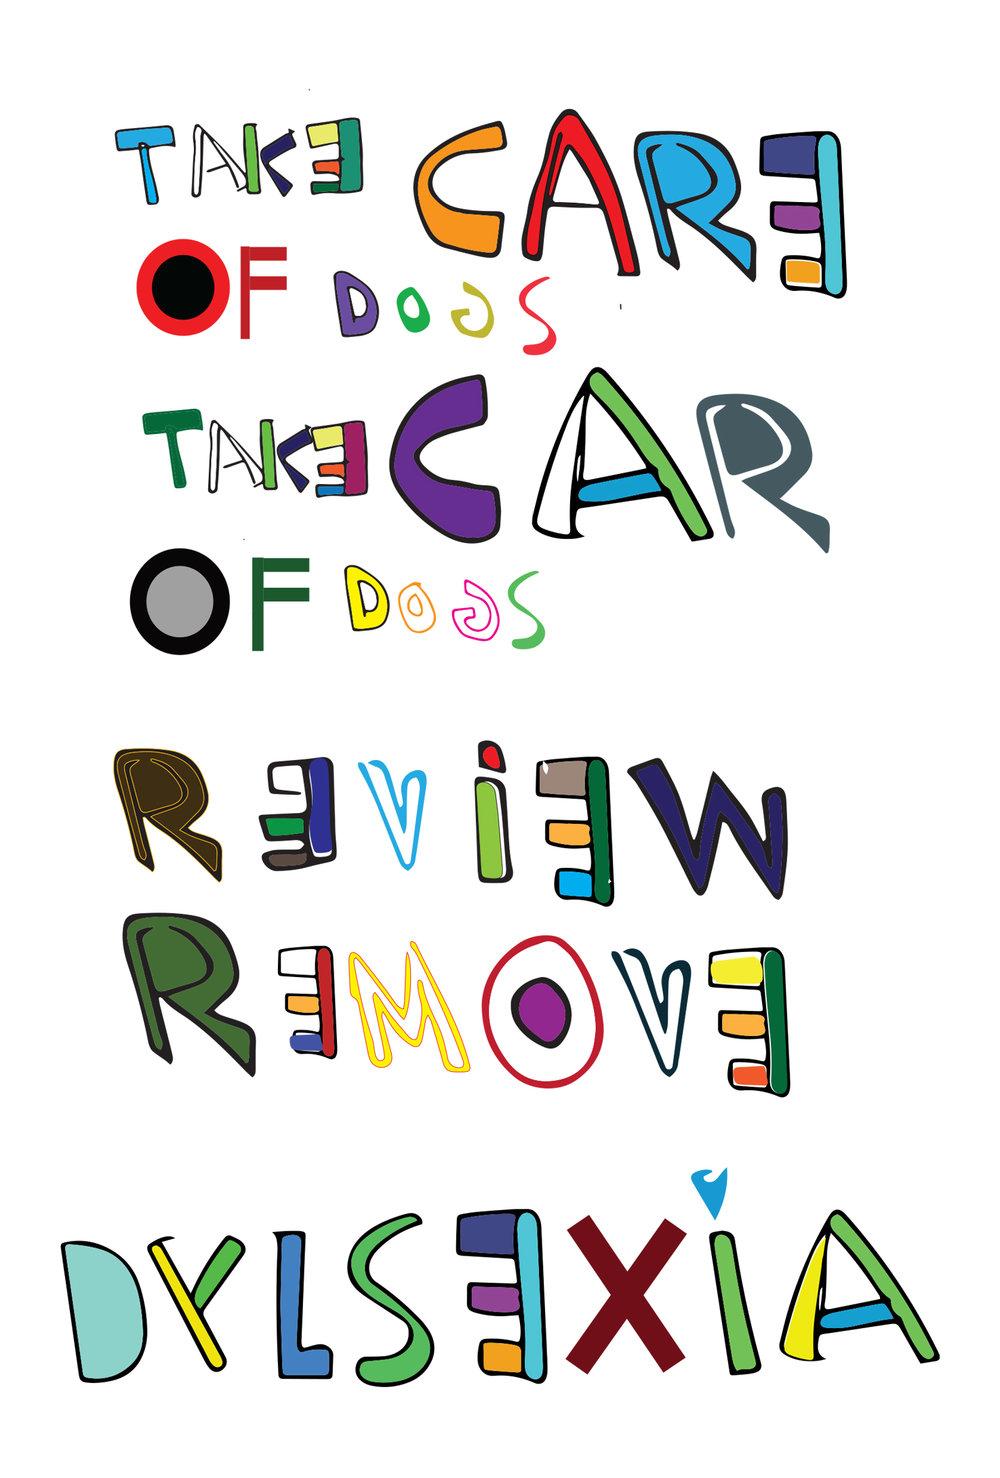 Dyslexia by Connor Smith